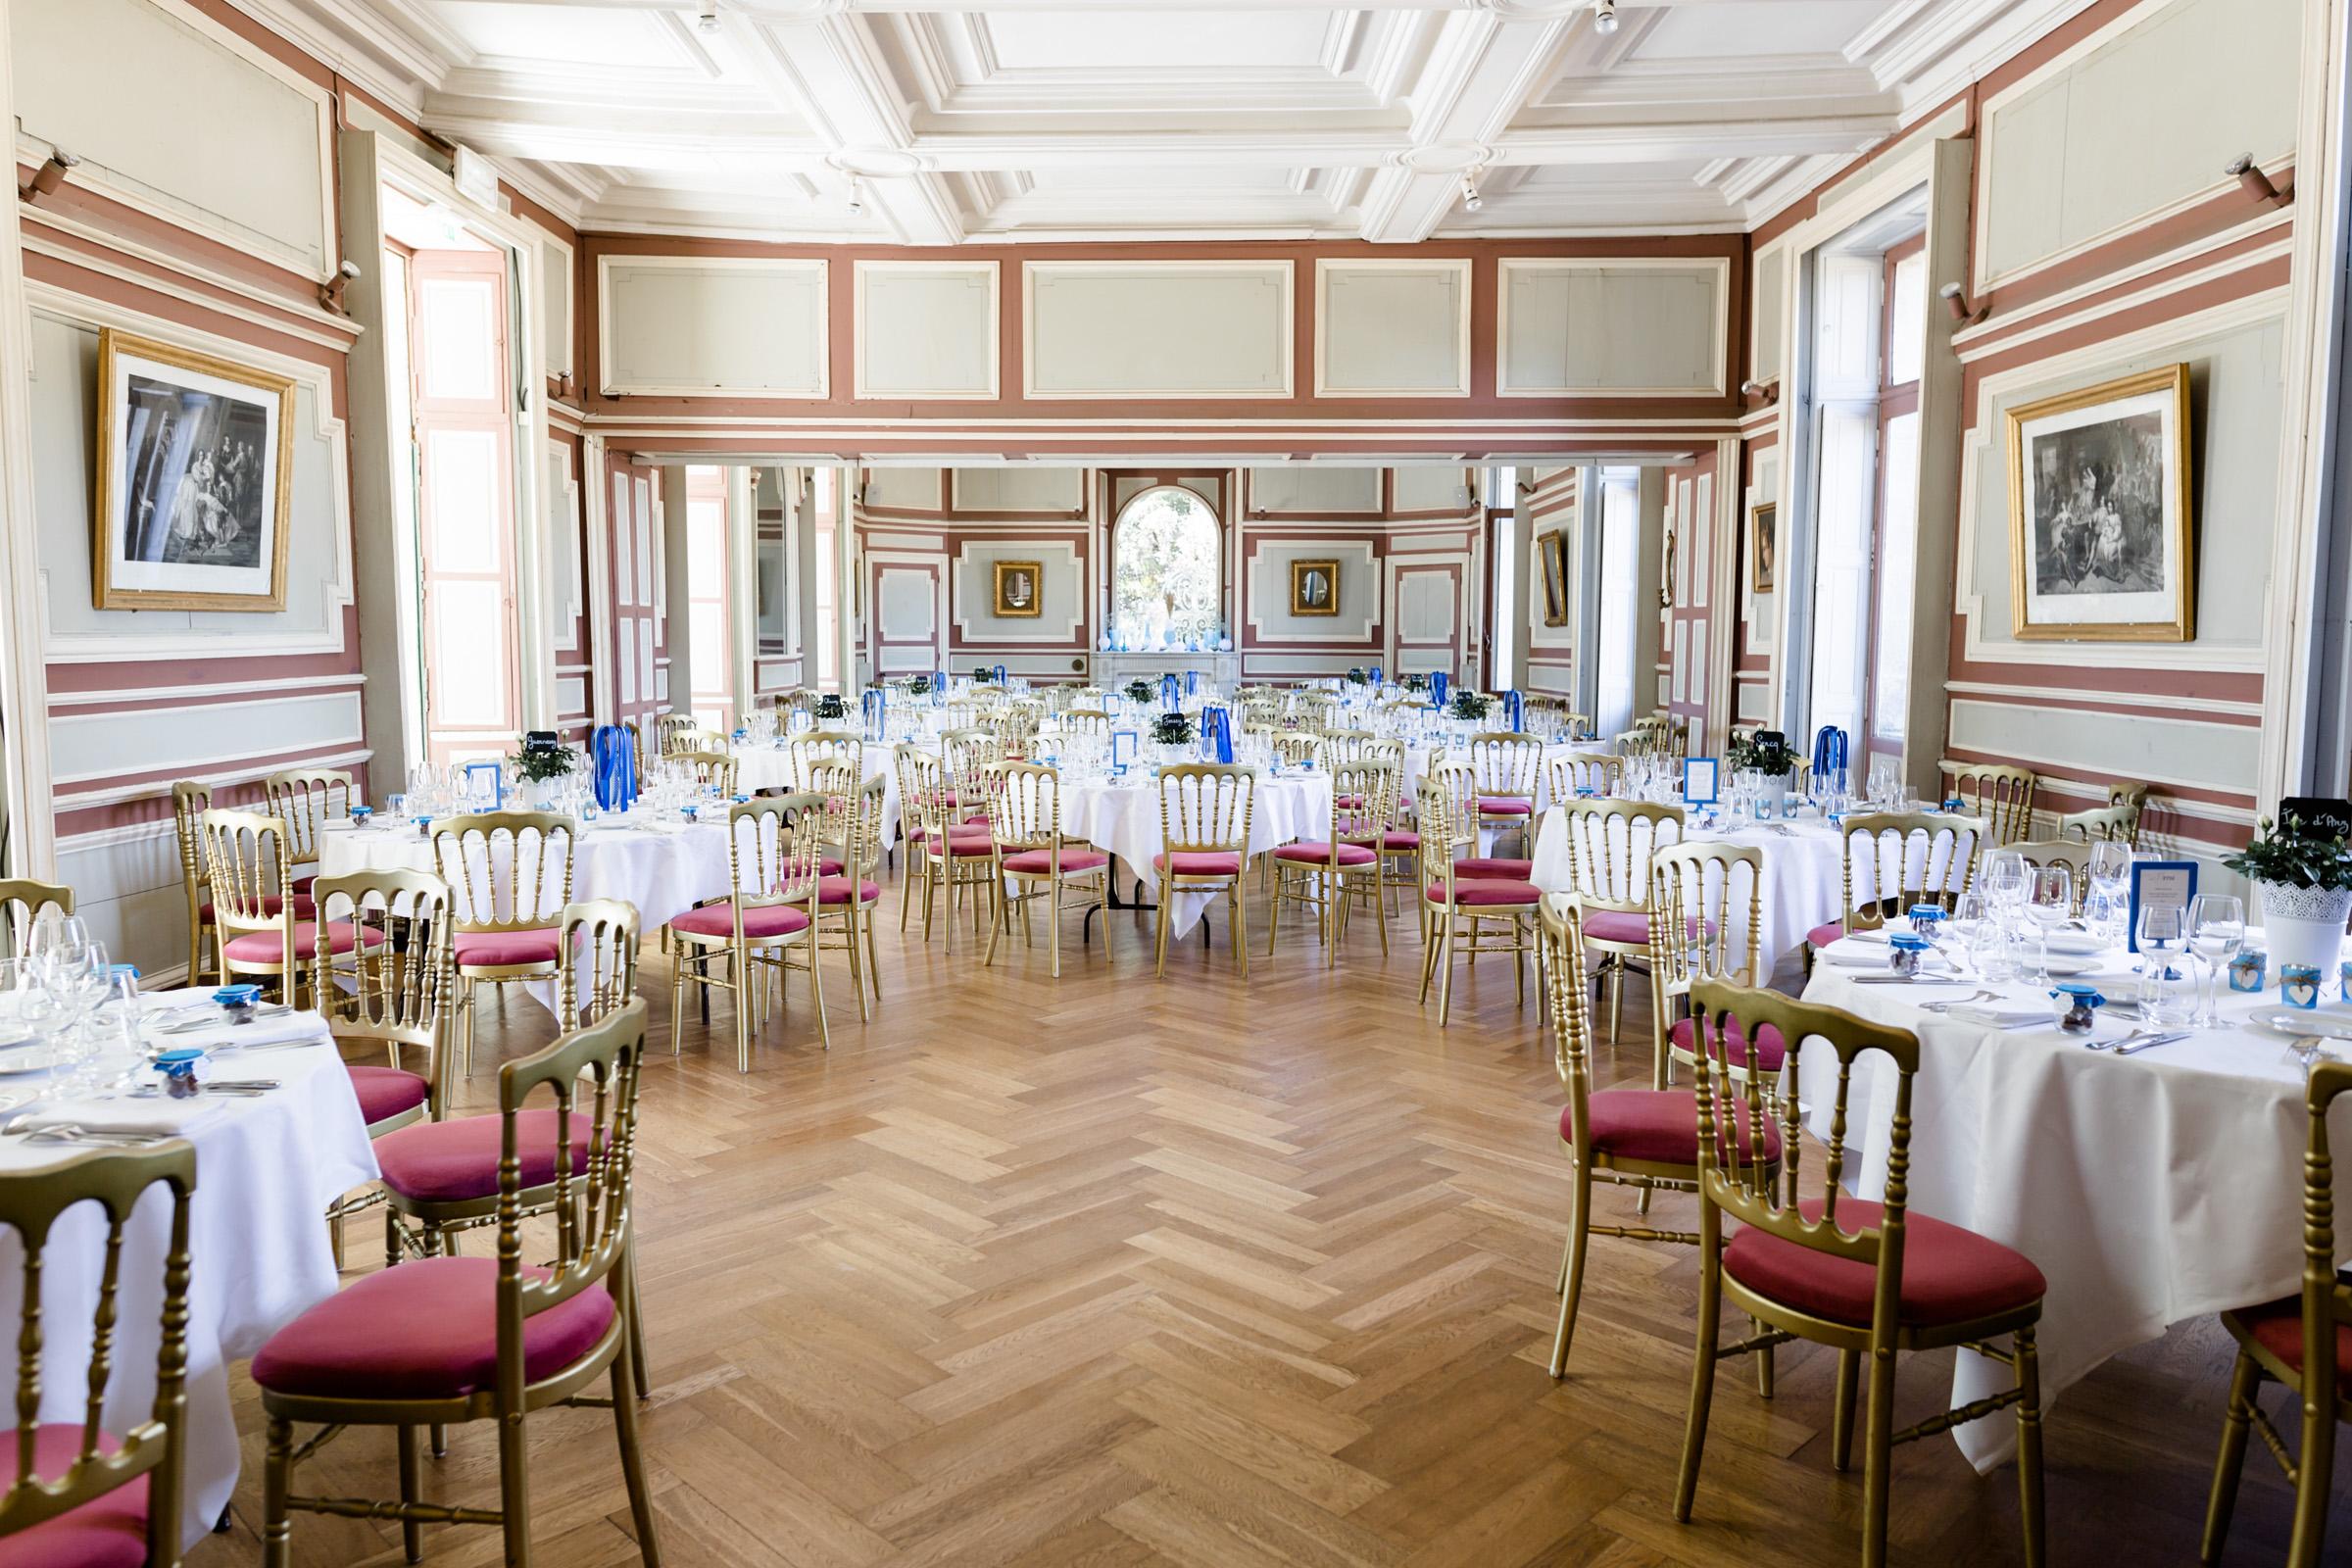 Photographe_-__Mariage_-_Vannes_-_Château_de_Tredion_-_LV__(1)